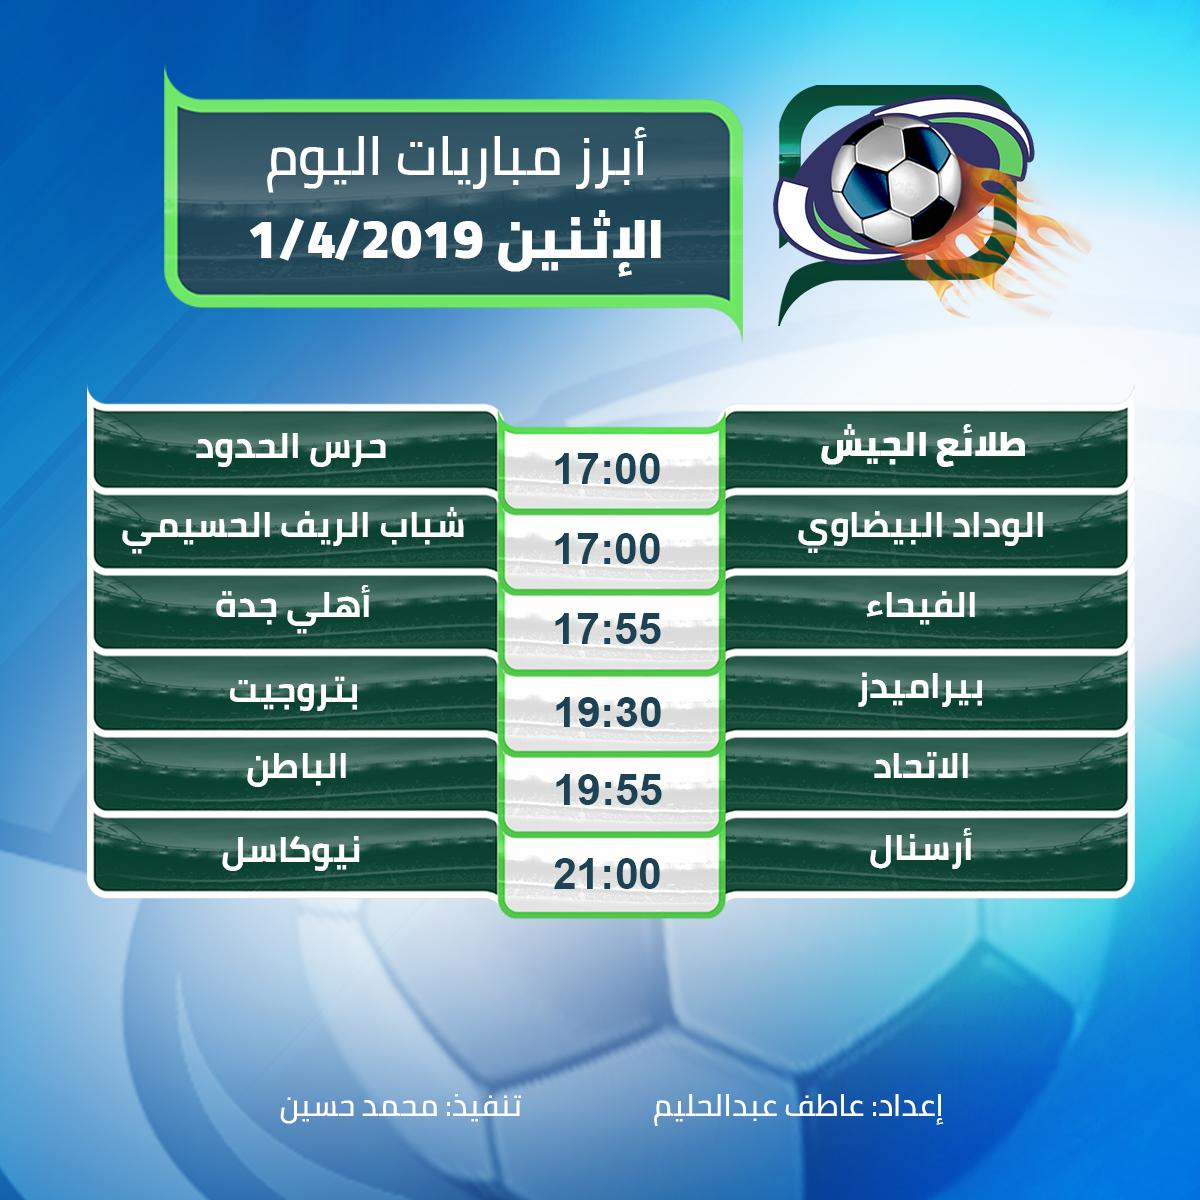 أبرز مباريات اليوم الاثنين 01/4/2019